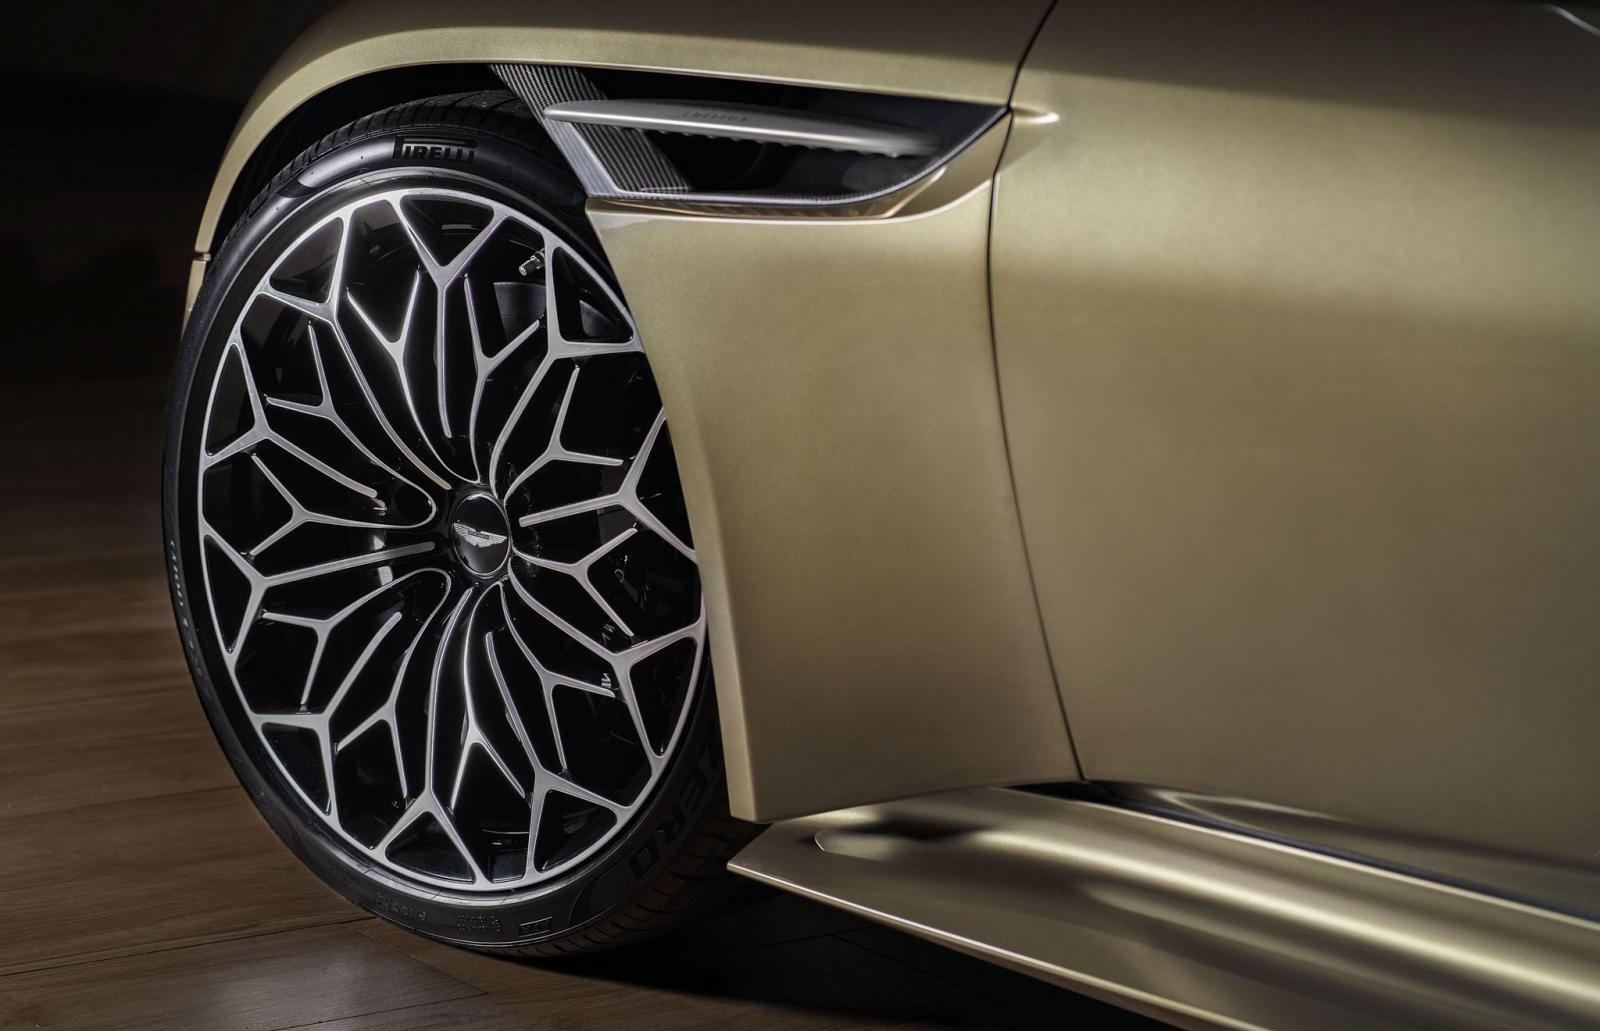 Aston Martin DBS Superleggera ''OHMSS 007 Edition'': Siêu xe lấy cảm hứng từ phim điệp viên 007 a13